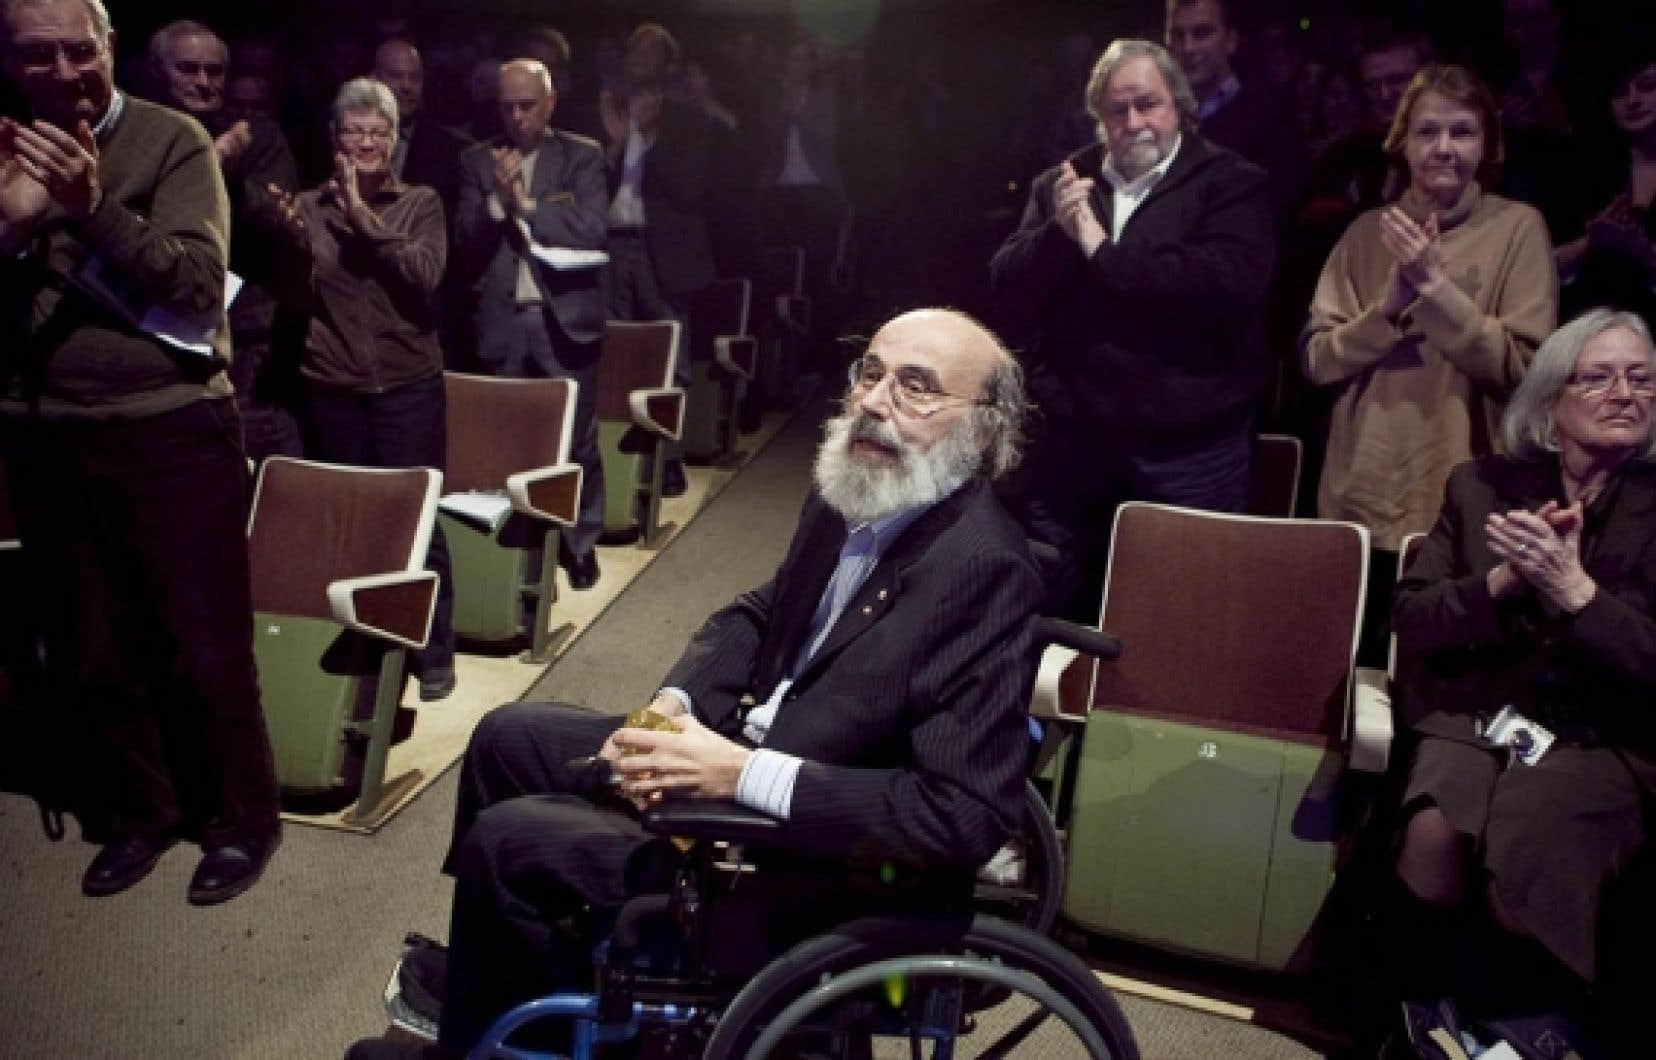 Le prolifique compositeur québécois Jacques Hétu s'est éteint mardi à l'âge de 71 ans. Il avait reçu le prix Hommage lors du gala des prix Opus, le 31 janvier dernier.